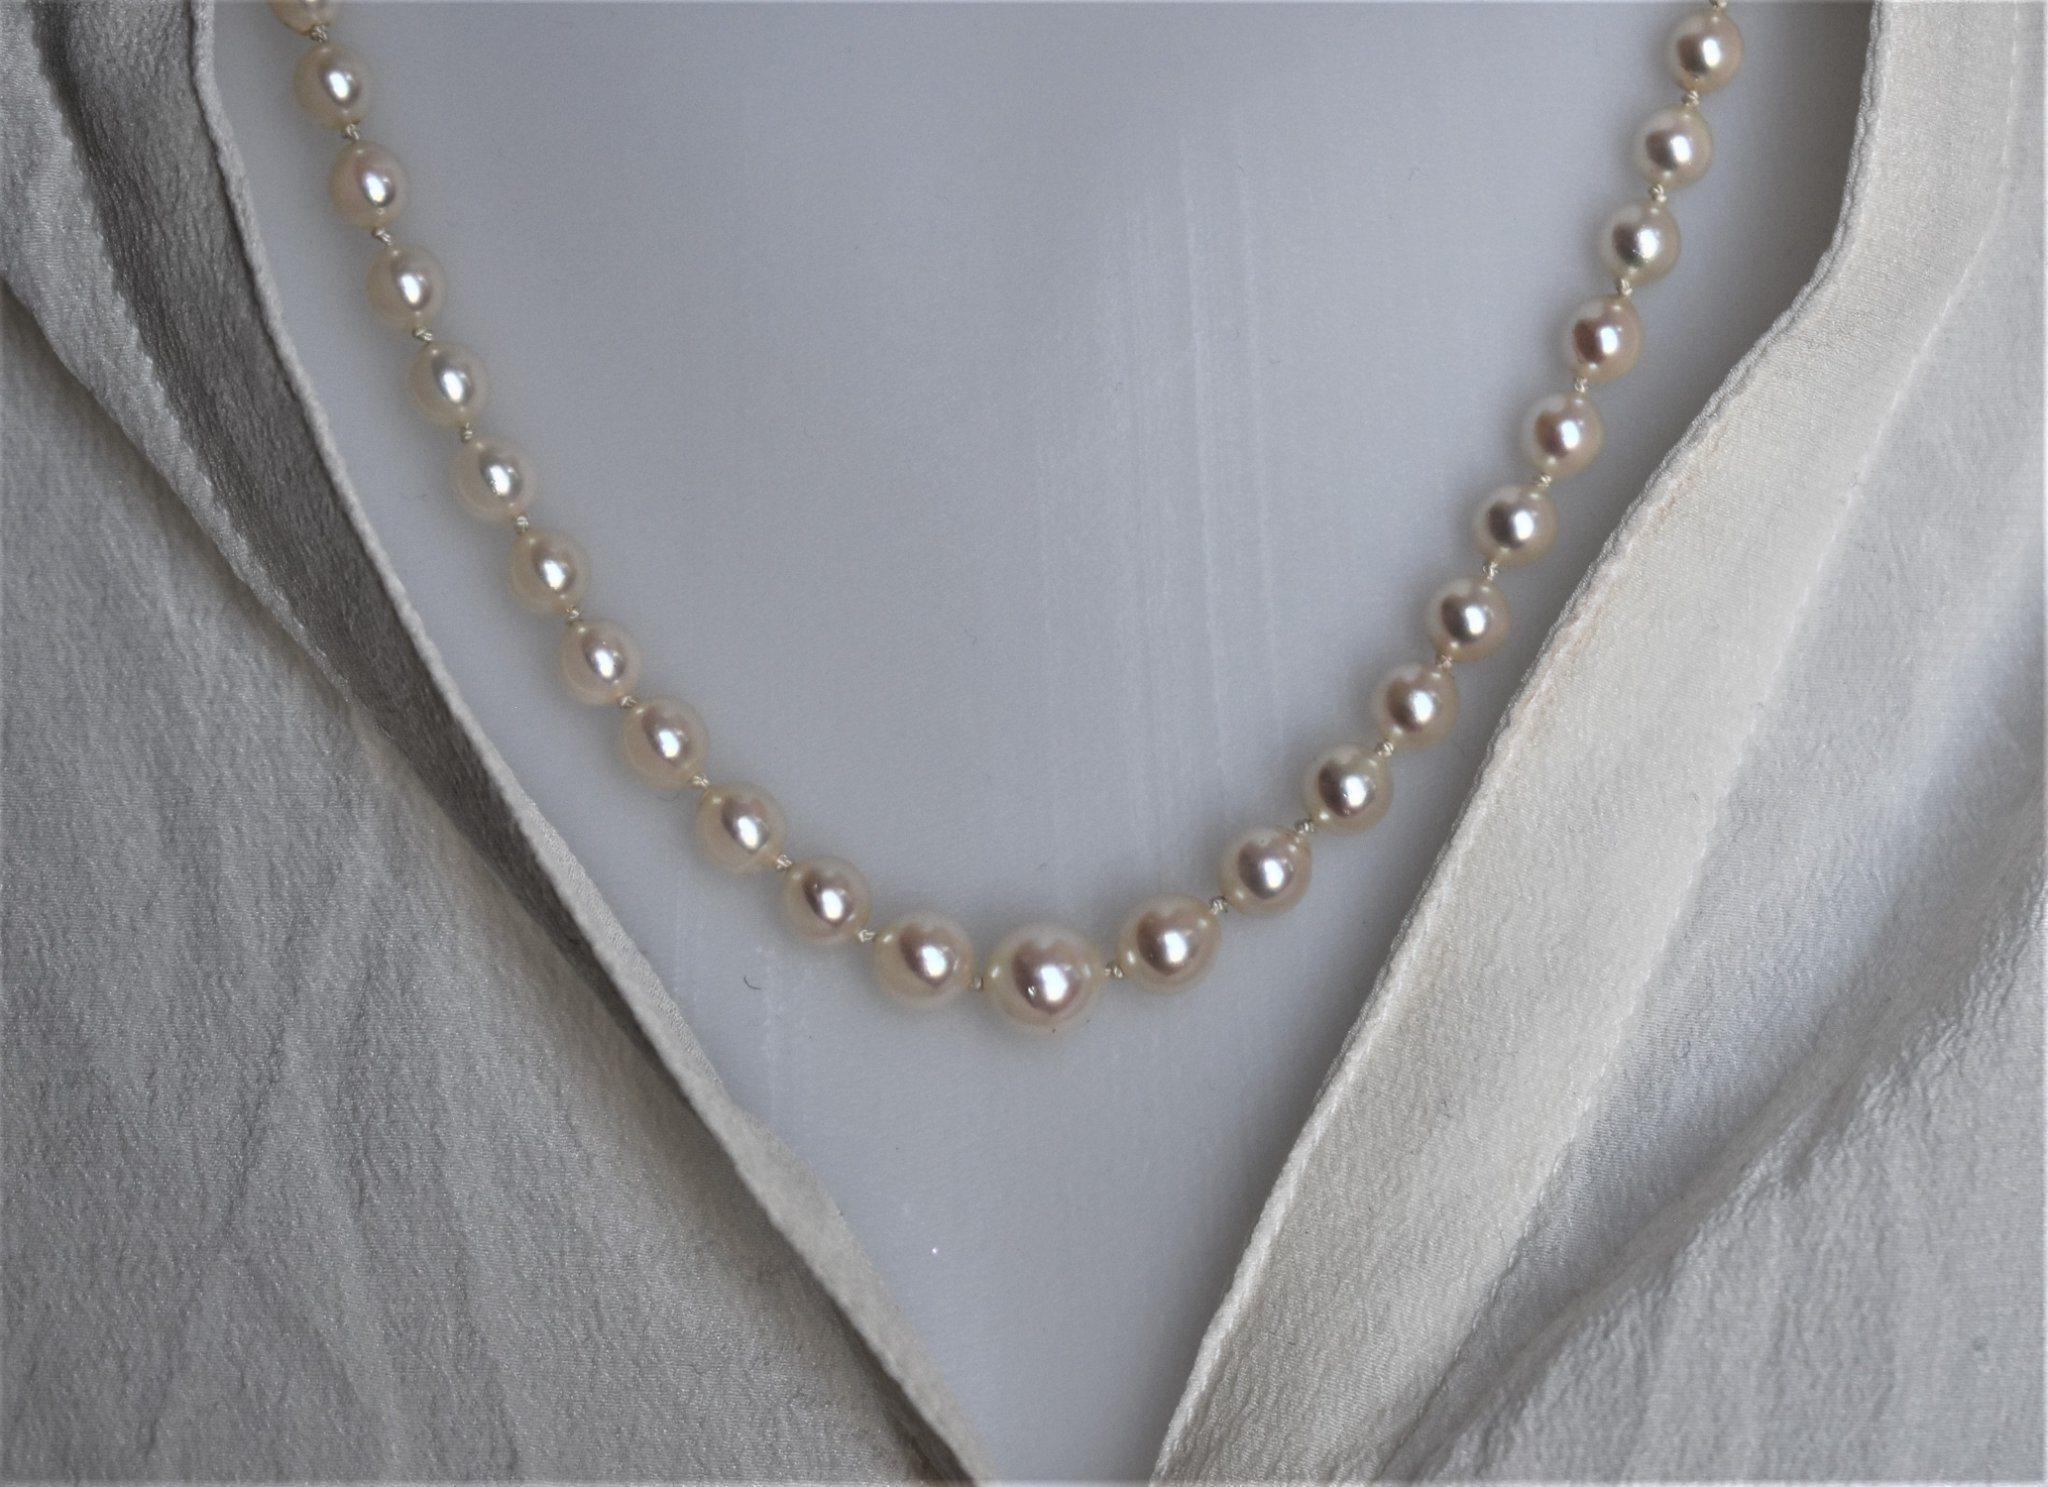 Odlade pärlor - 925 silver lås - Fin lyster - P.. (341340426) ᐈ Köp ... 1517bd07293af